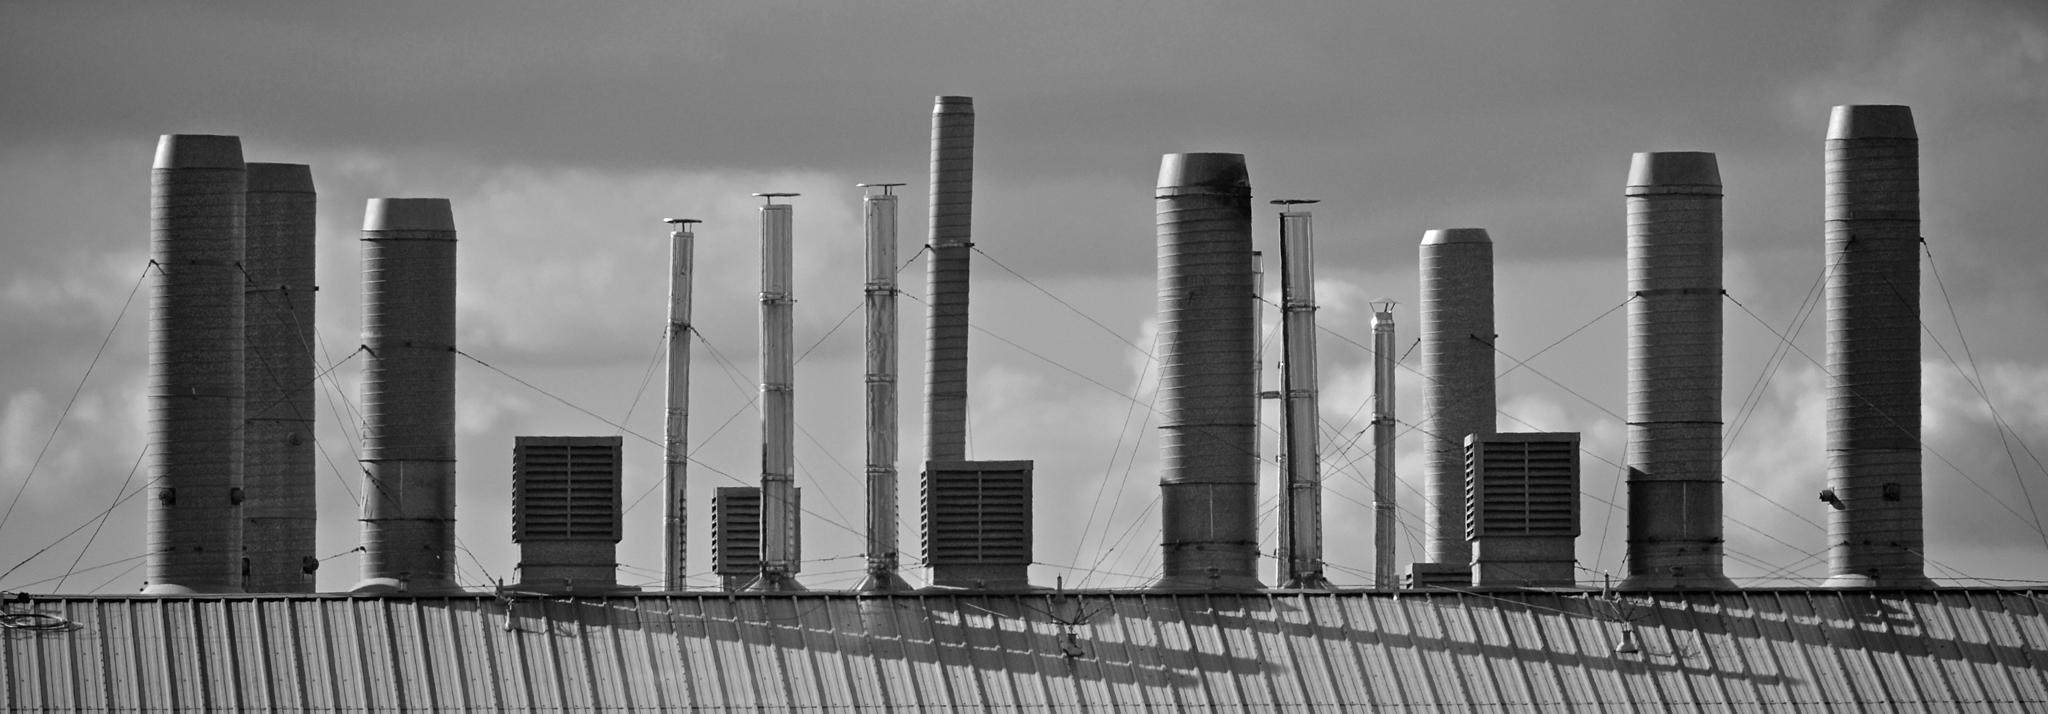 chimneys1.jpg